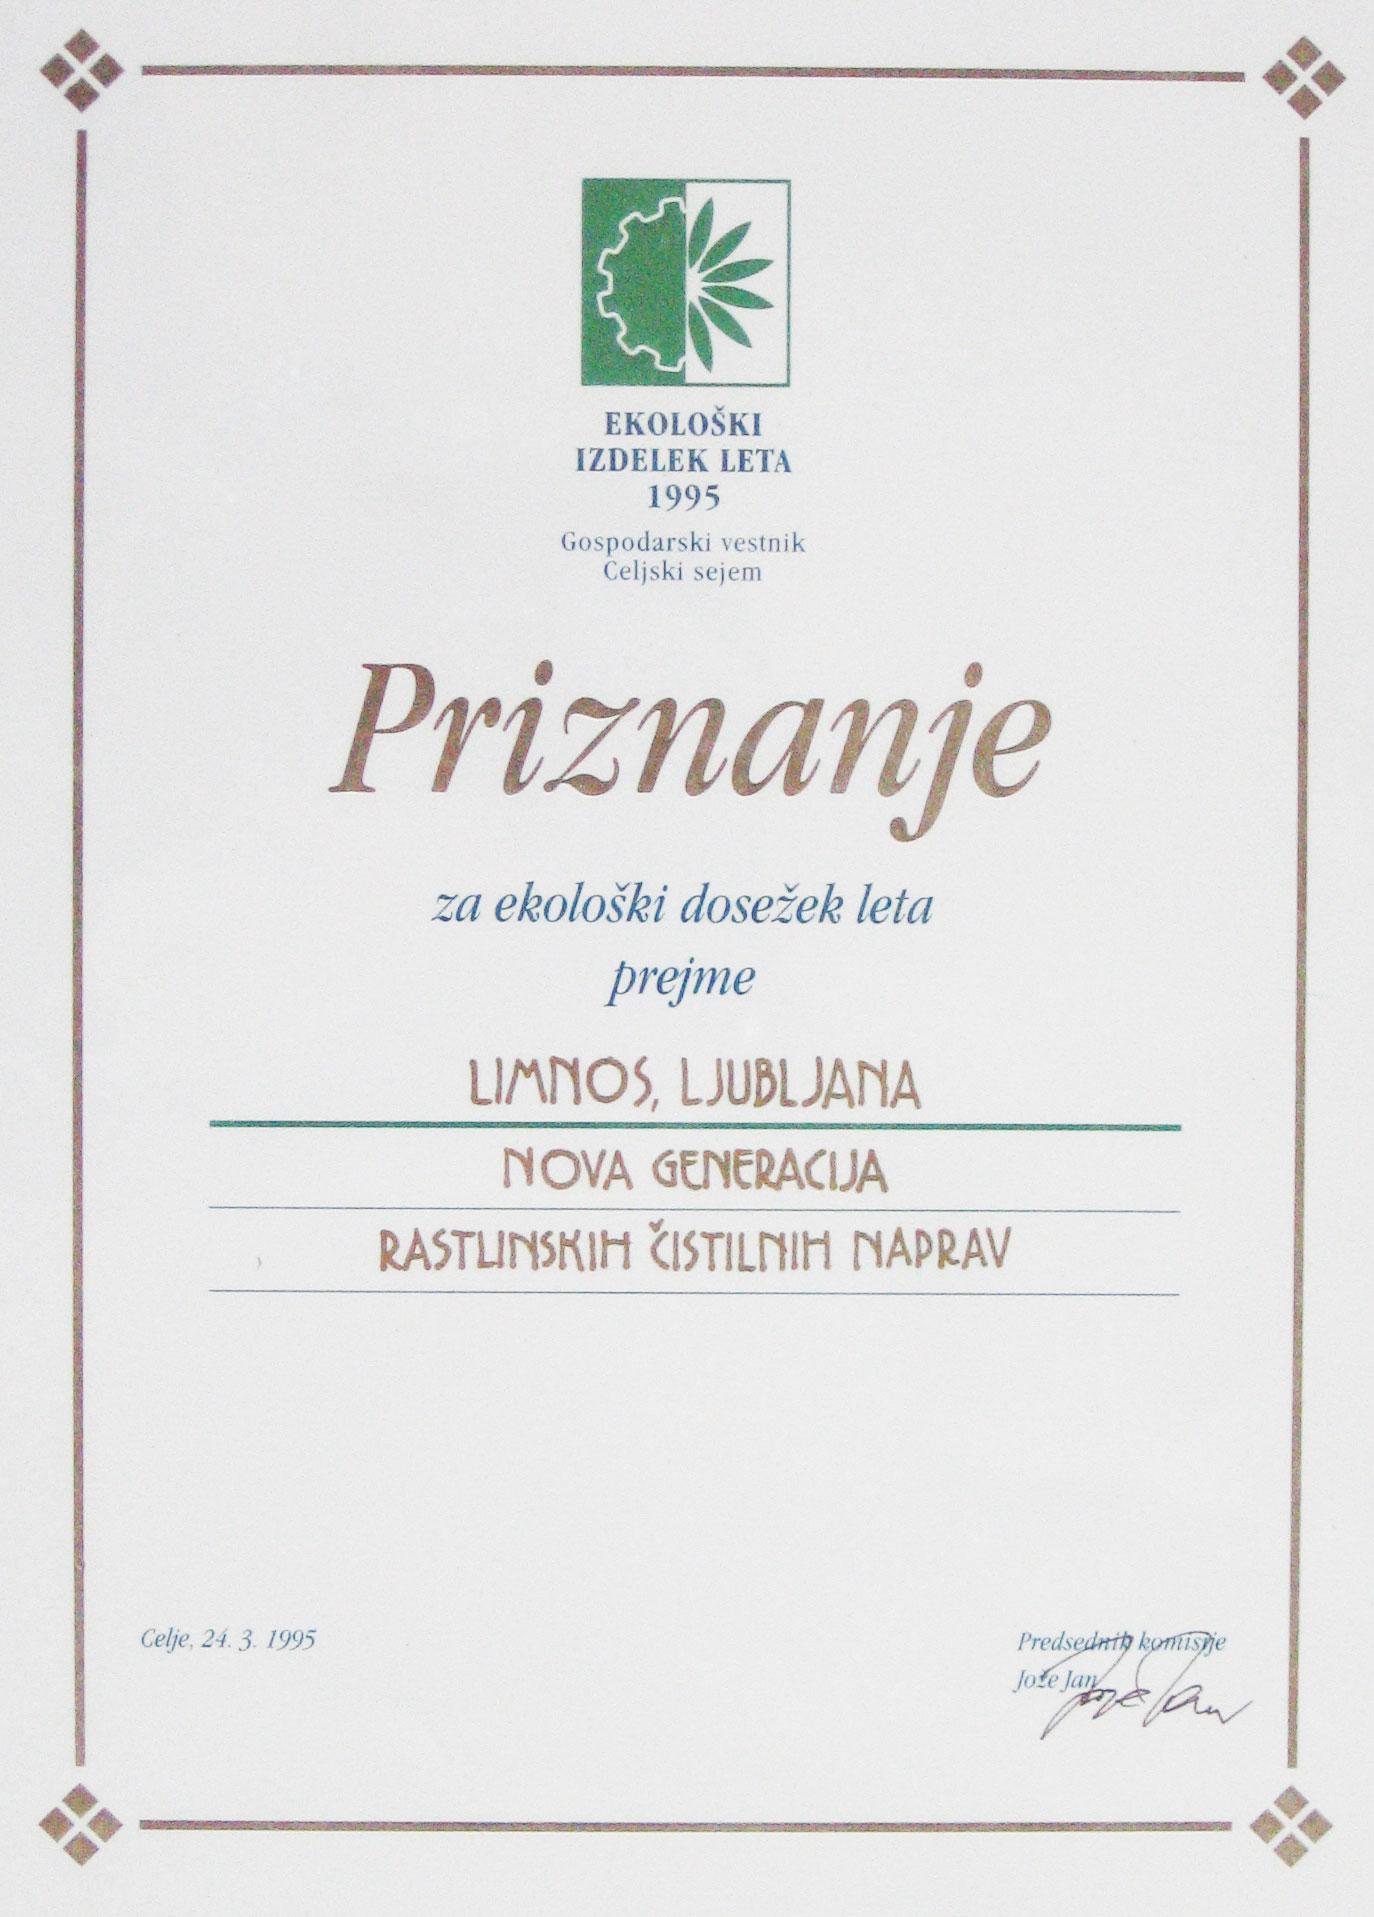 Ekološki dosežek leta 1995